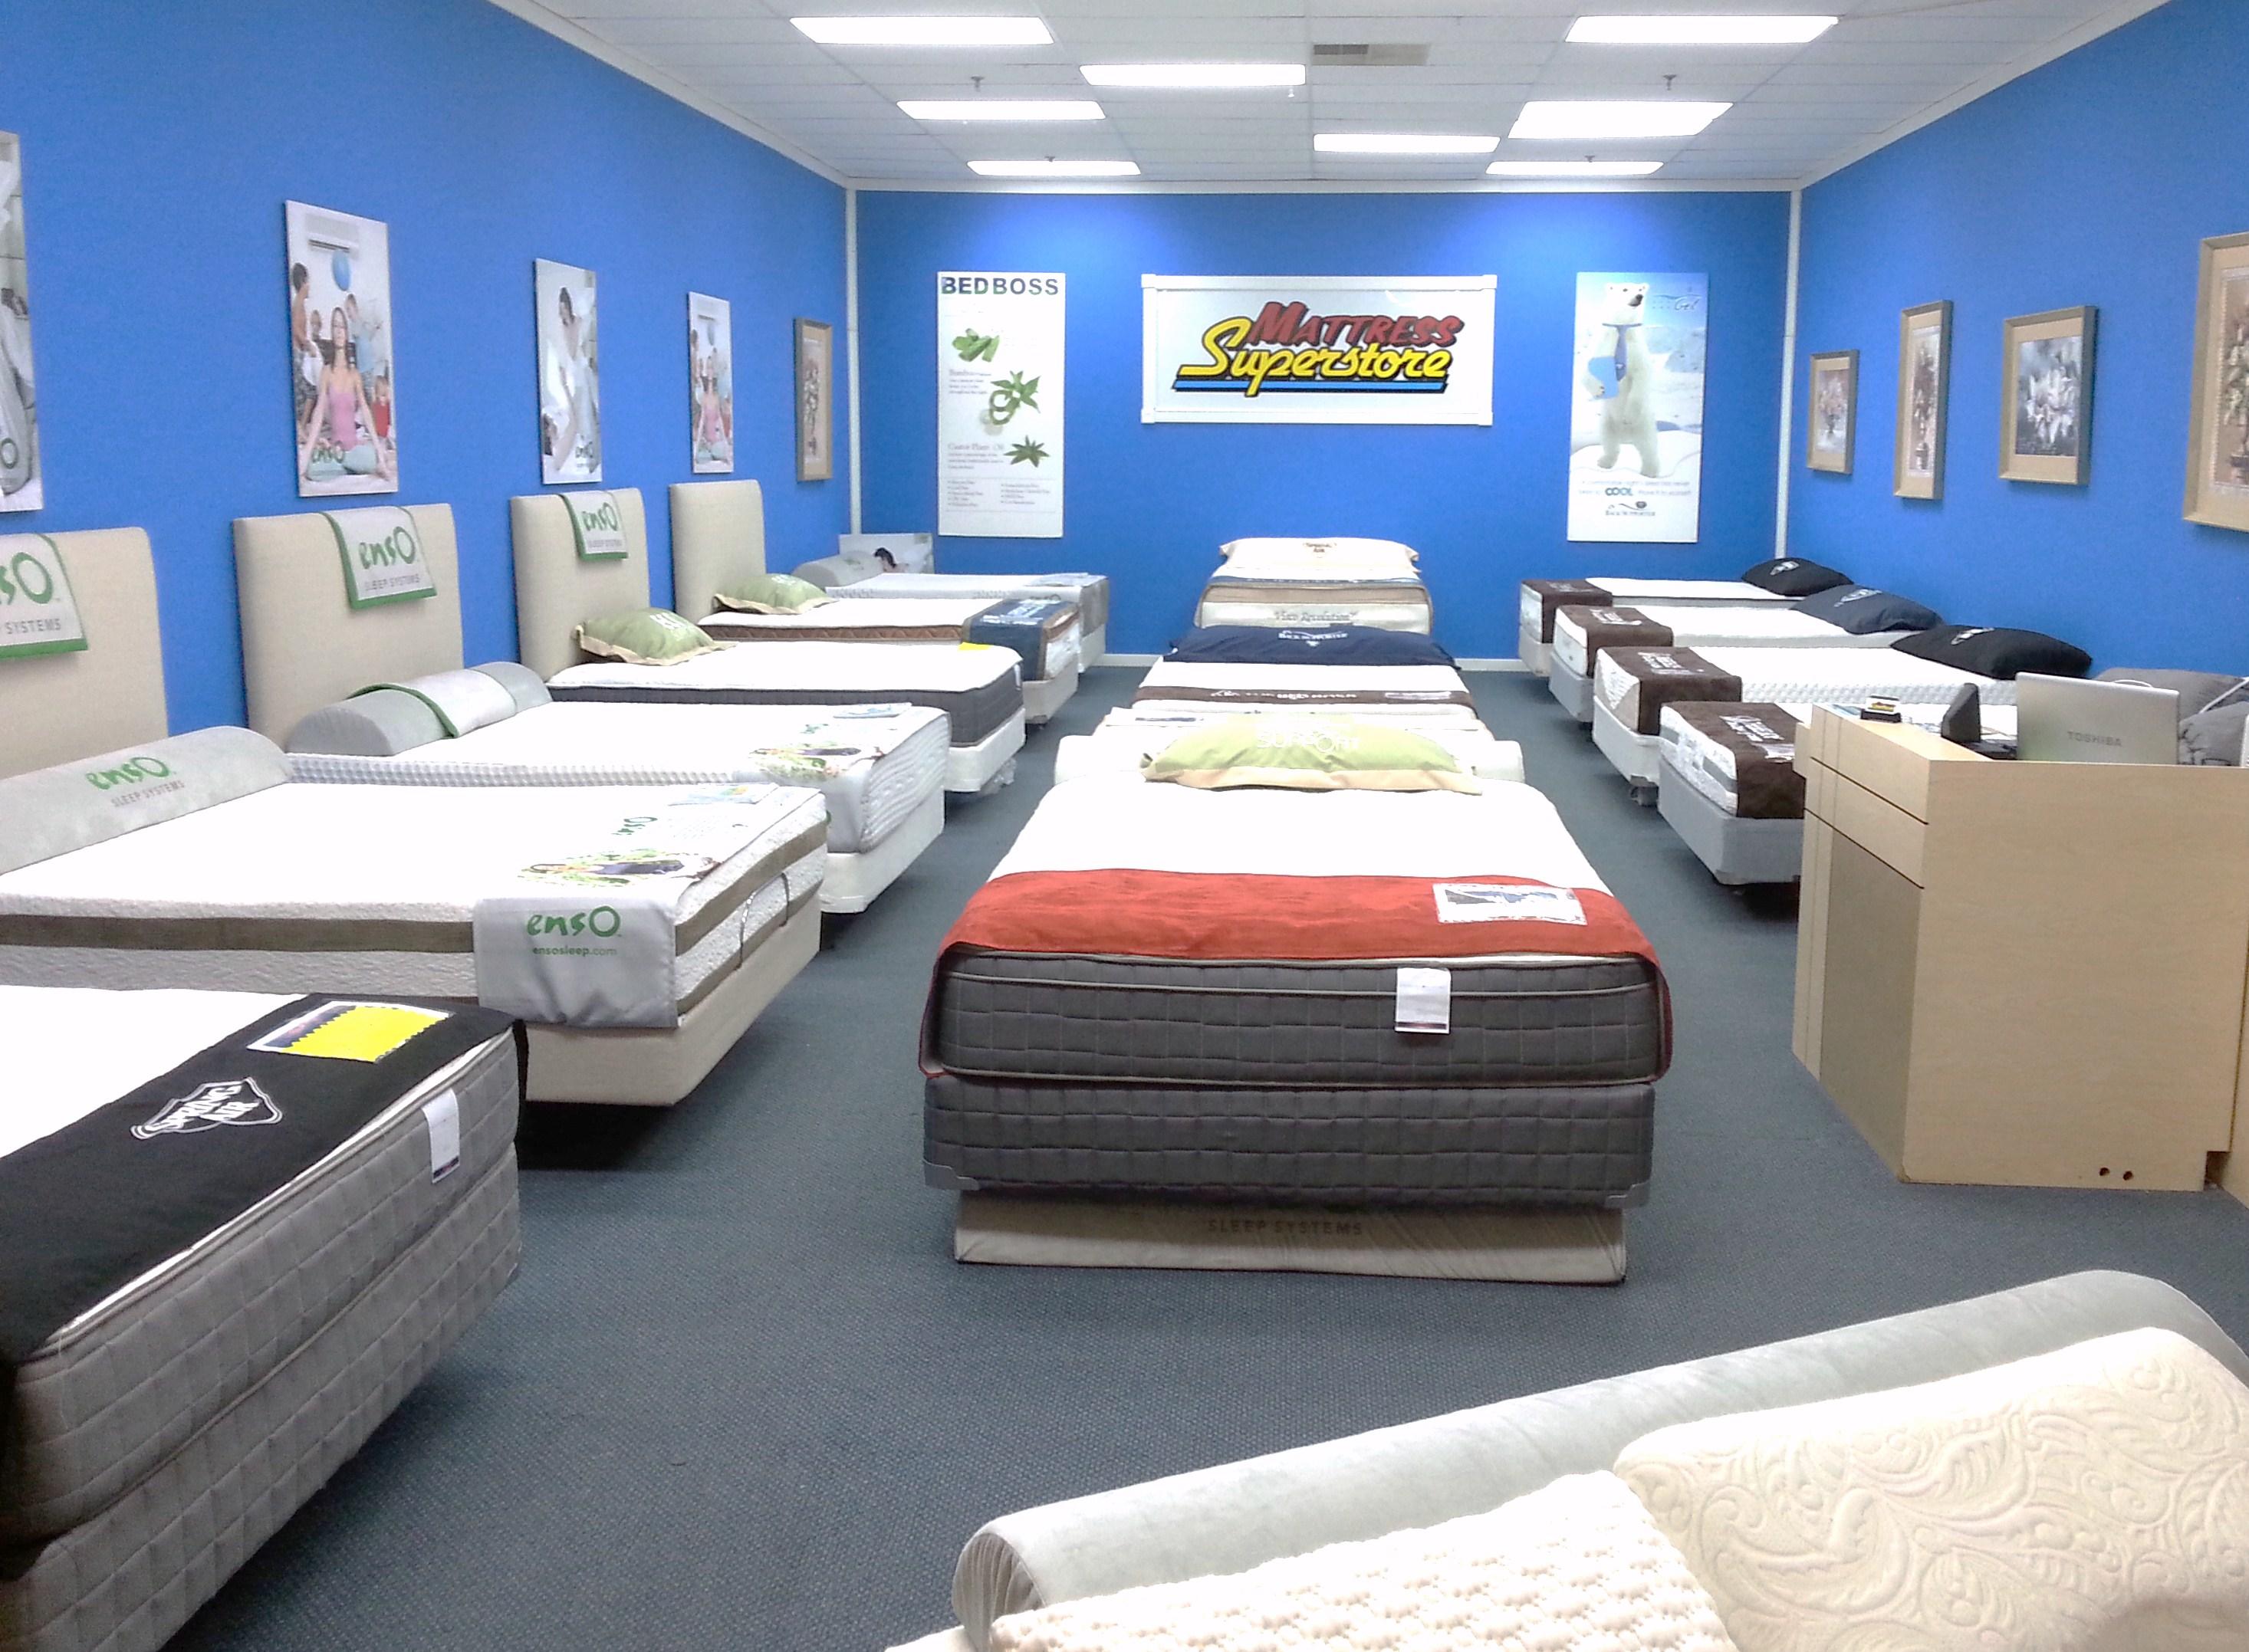 mattress superstore waycross ga 31501 yp com